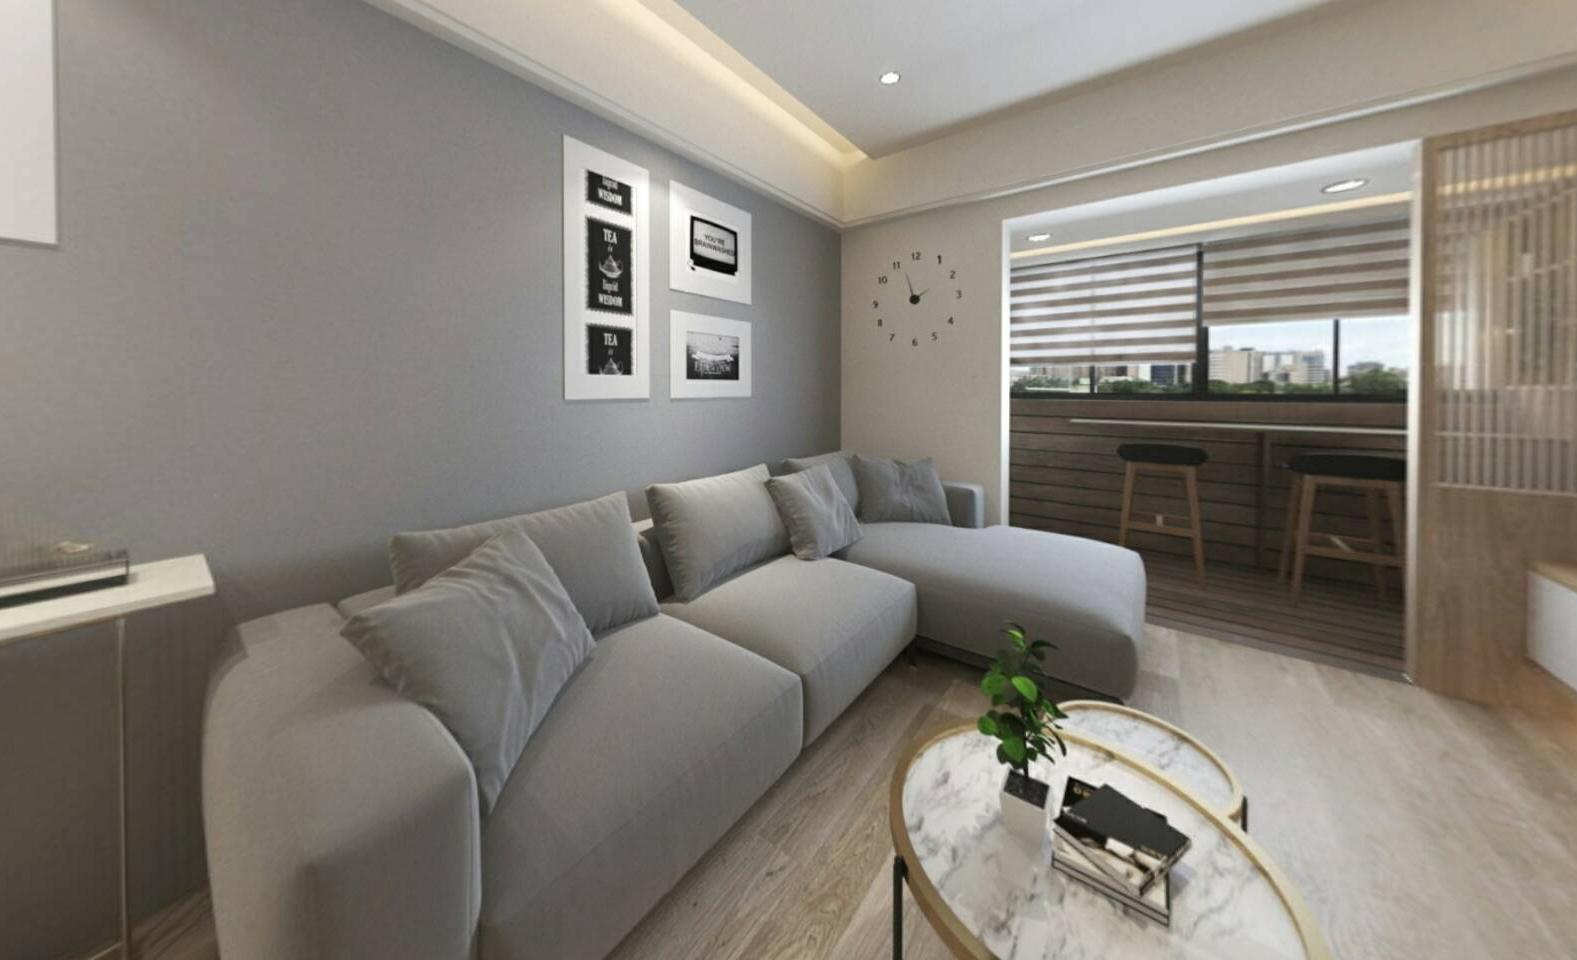 3D,720VR,環景圖,舊屋翻新\北歐風\自立新村-室內設計,室內裝潢,裝潢,裝修,桃園室內設計,中壢室內設計,雅和室內設計,雅和設計